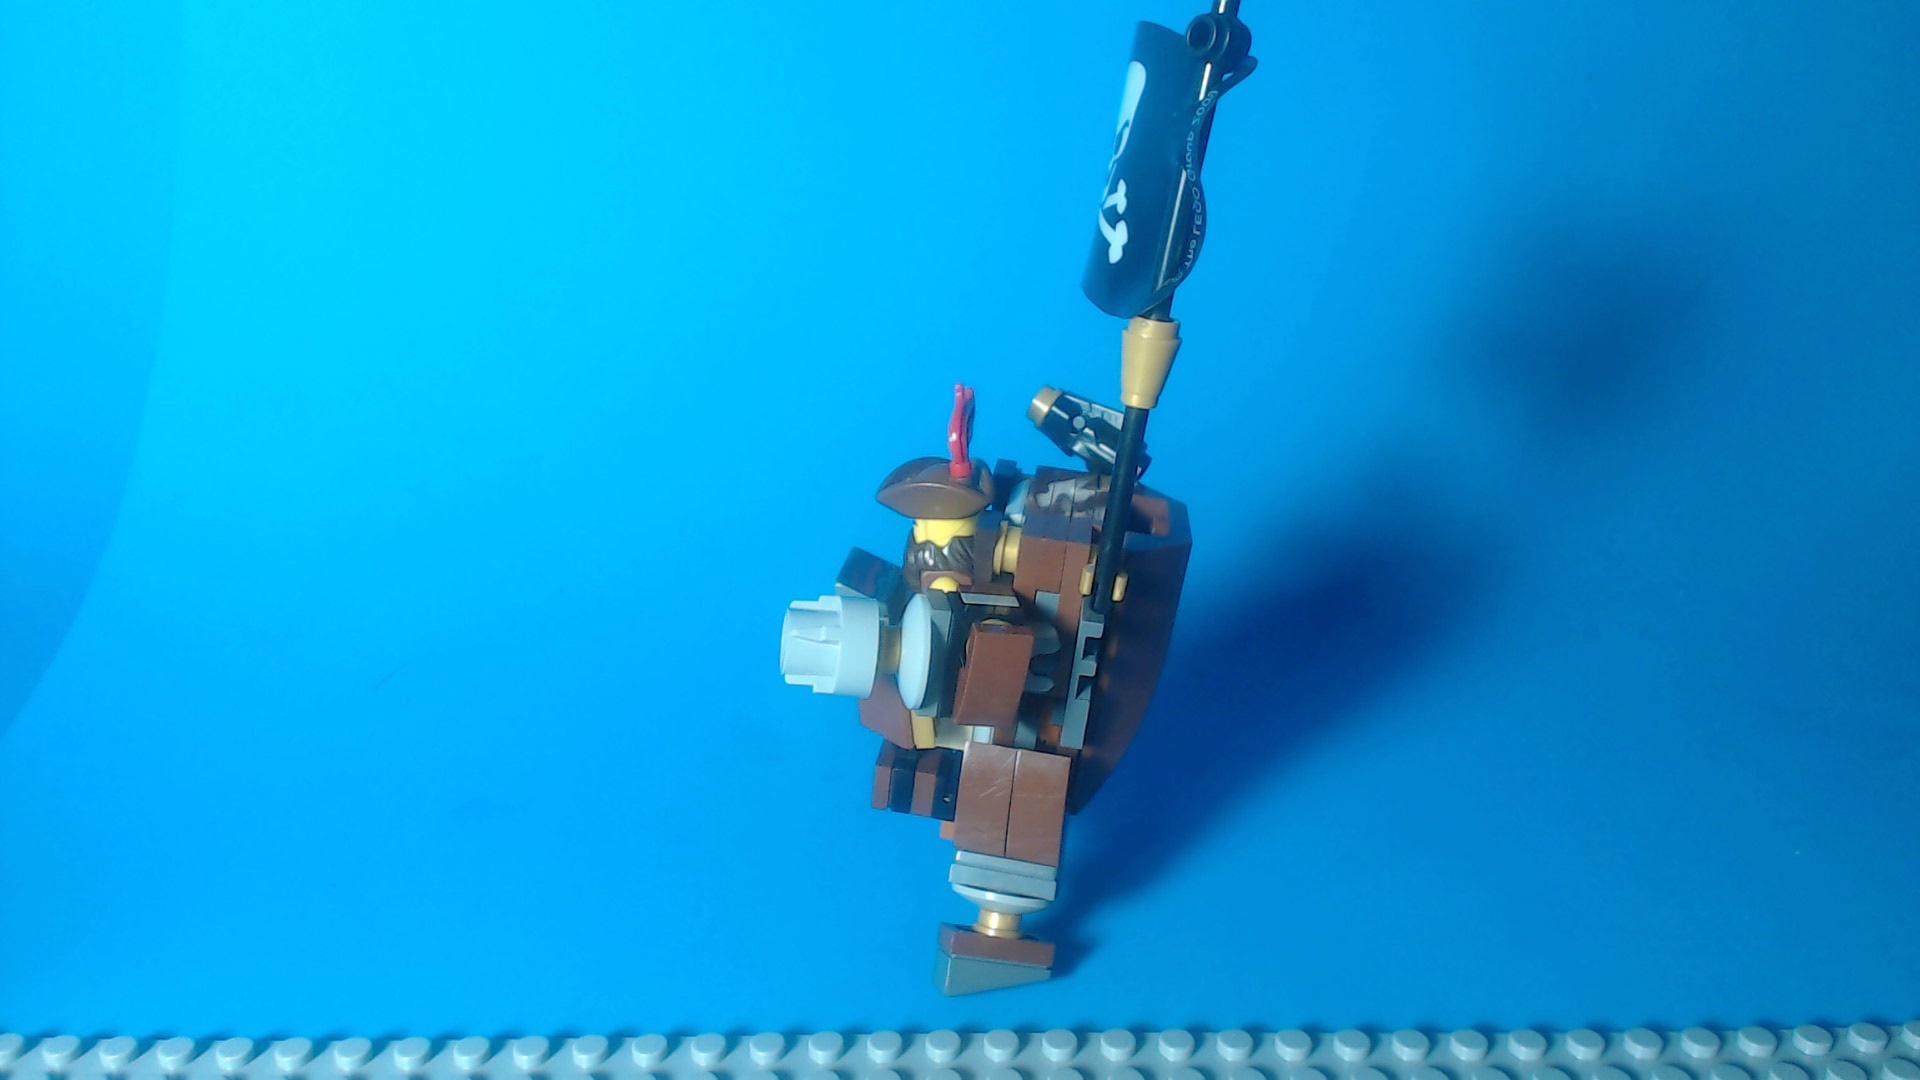 pirate_mech_04.jpg